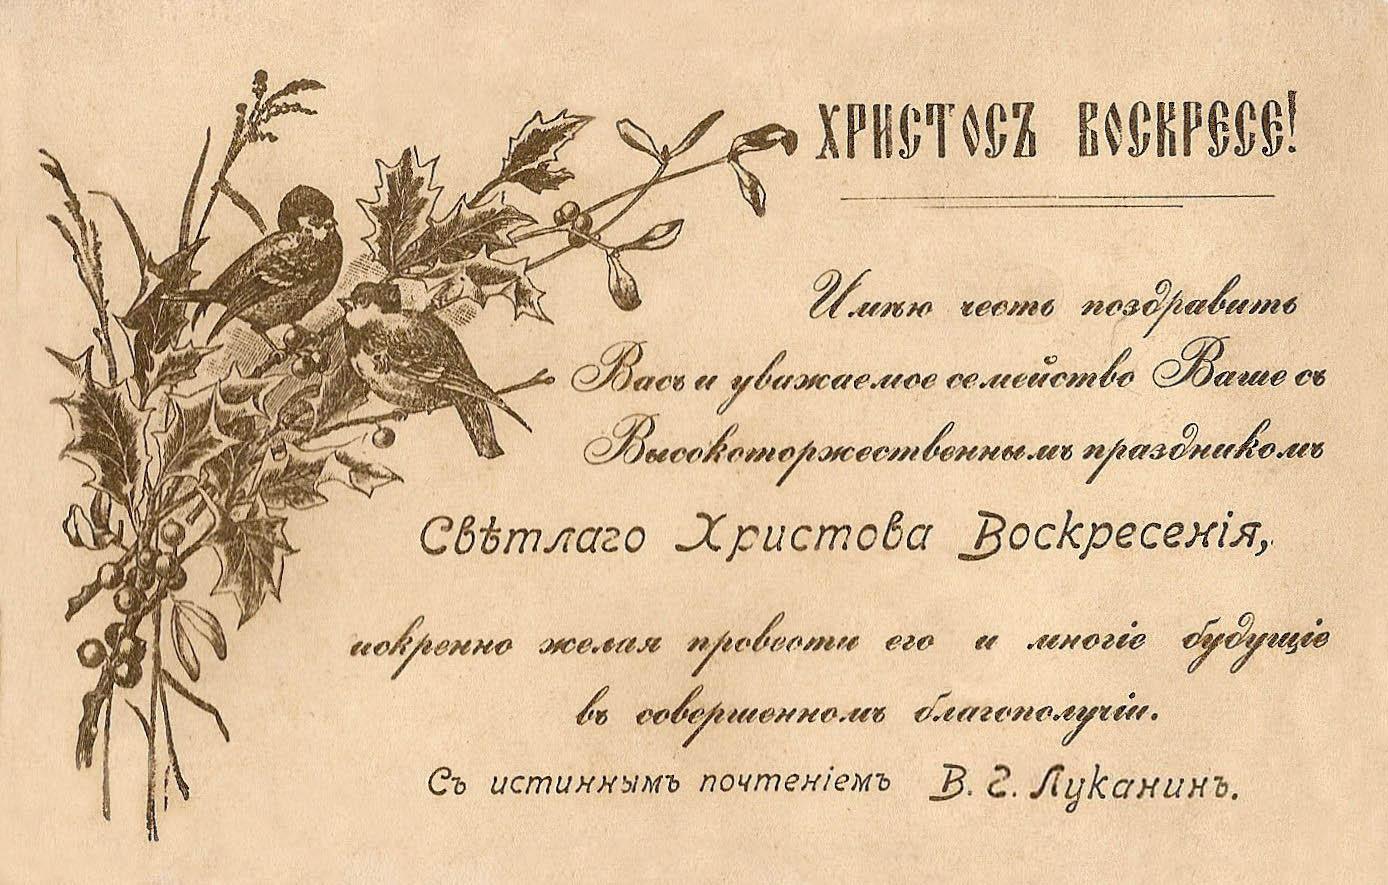 Гифки, по каким случаям отправляли открытки википедия